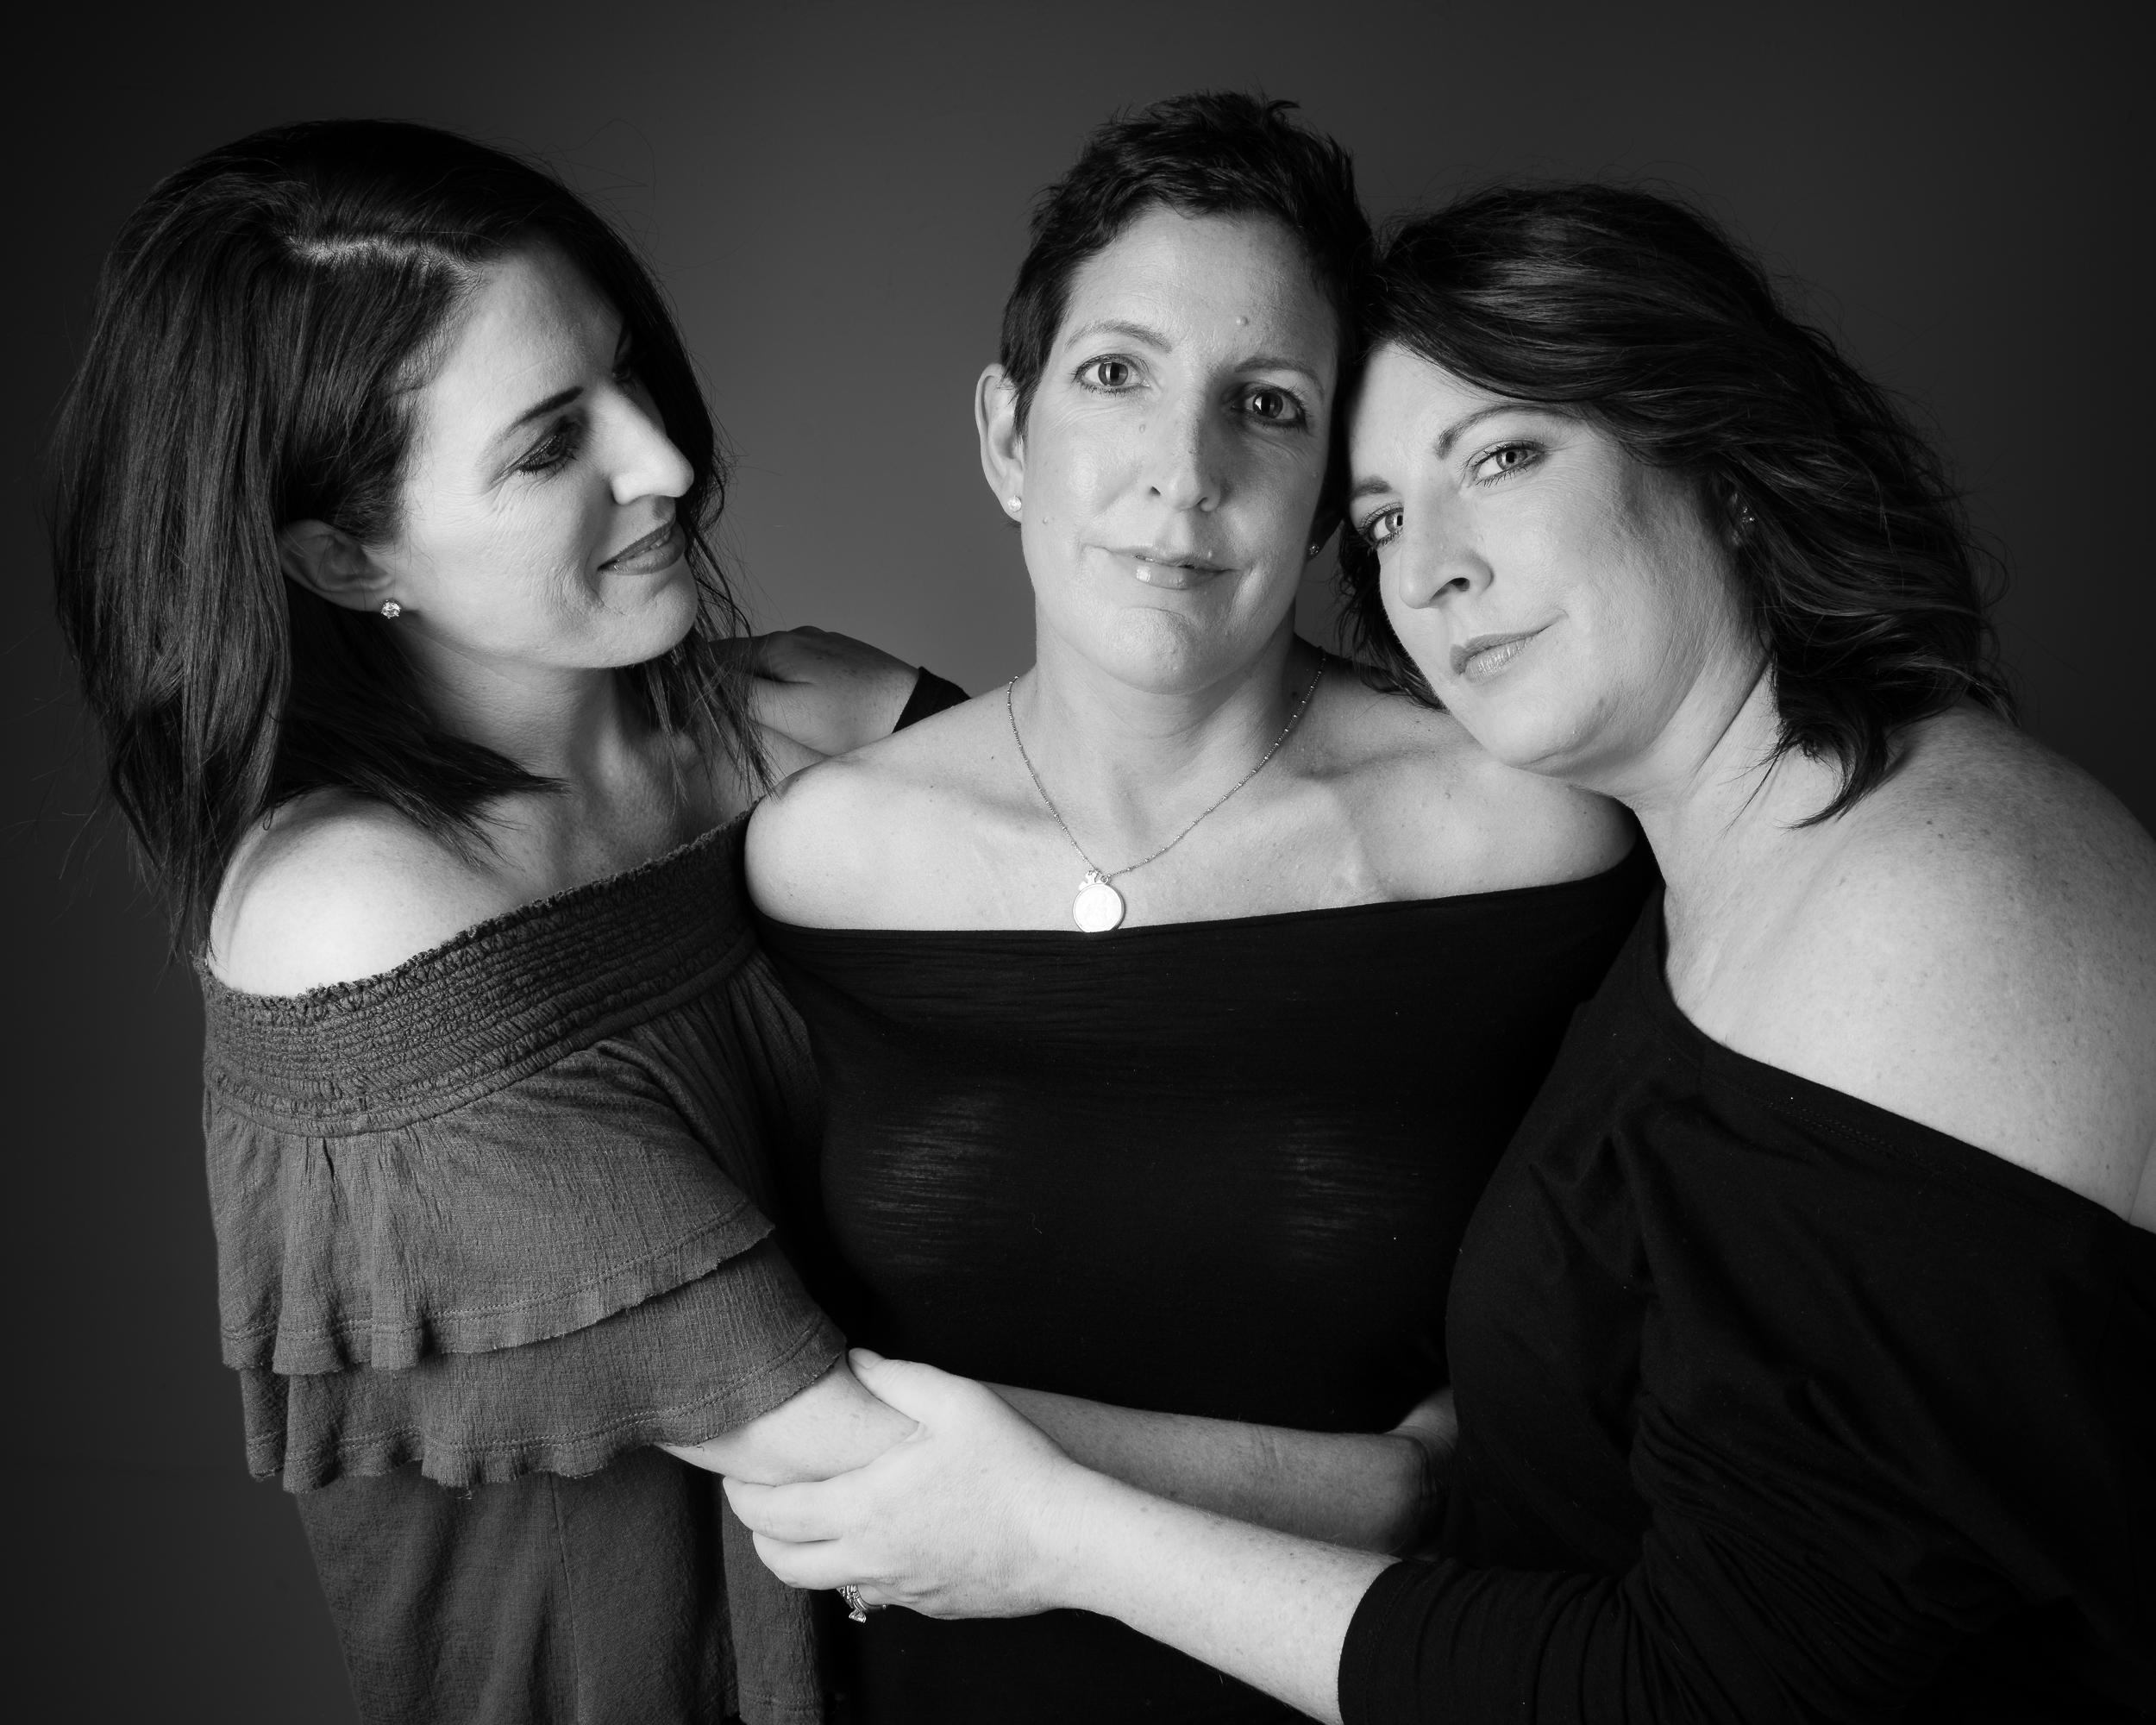 Katie-and-sisters-003.jpg